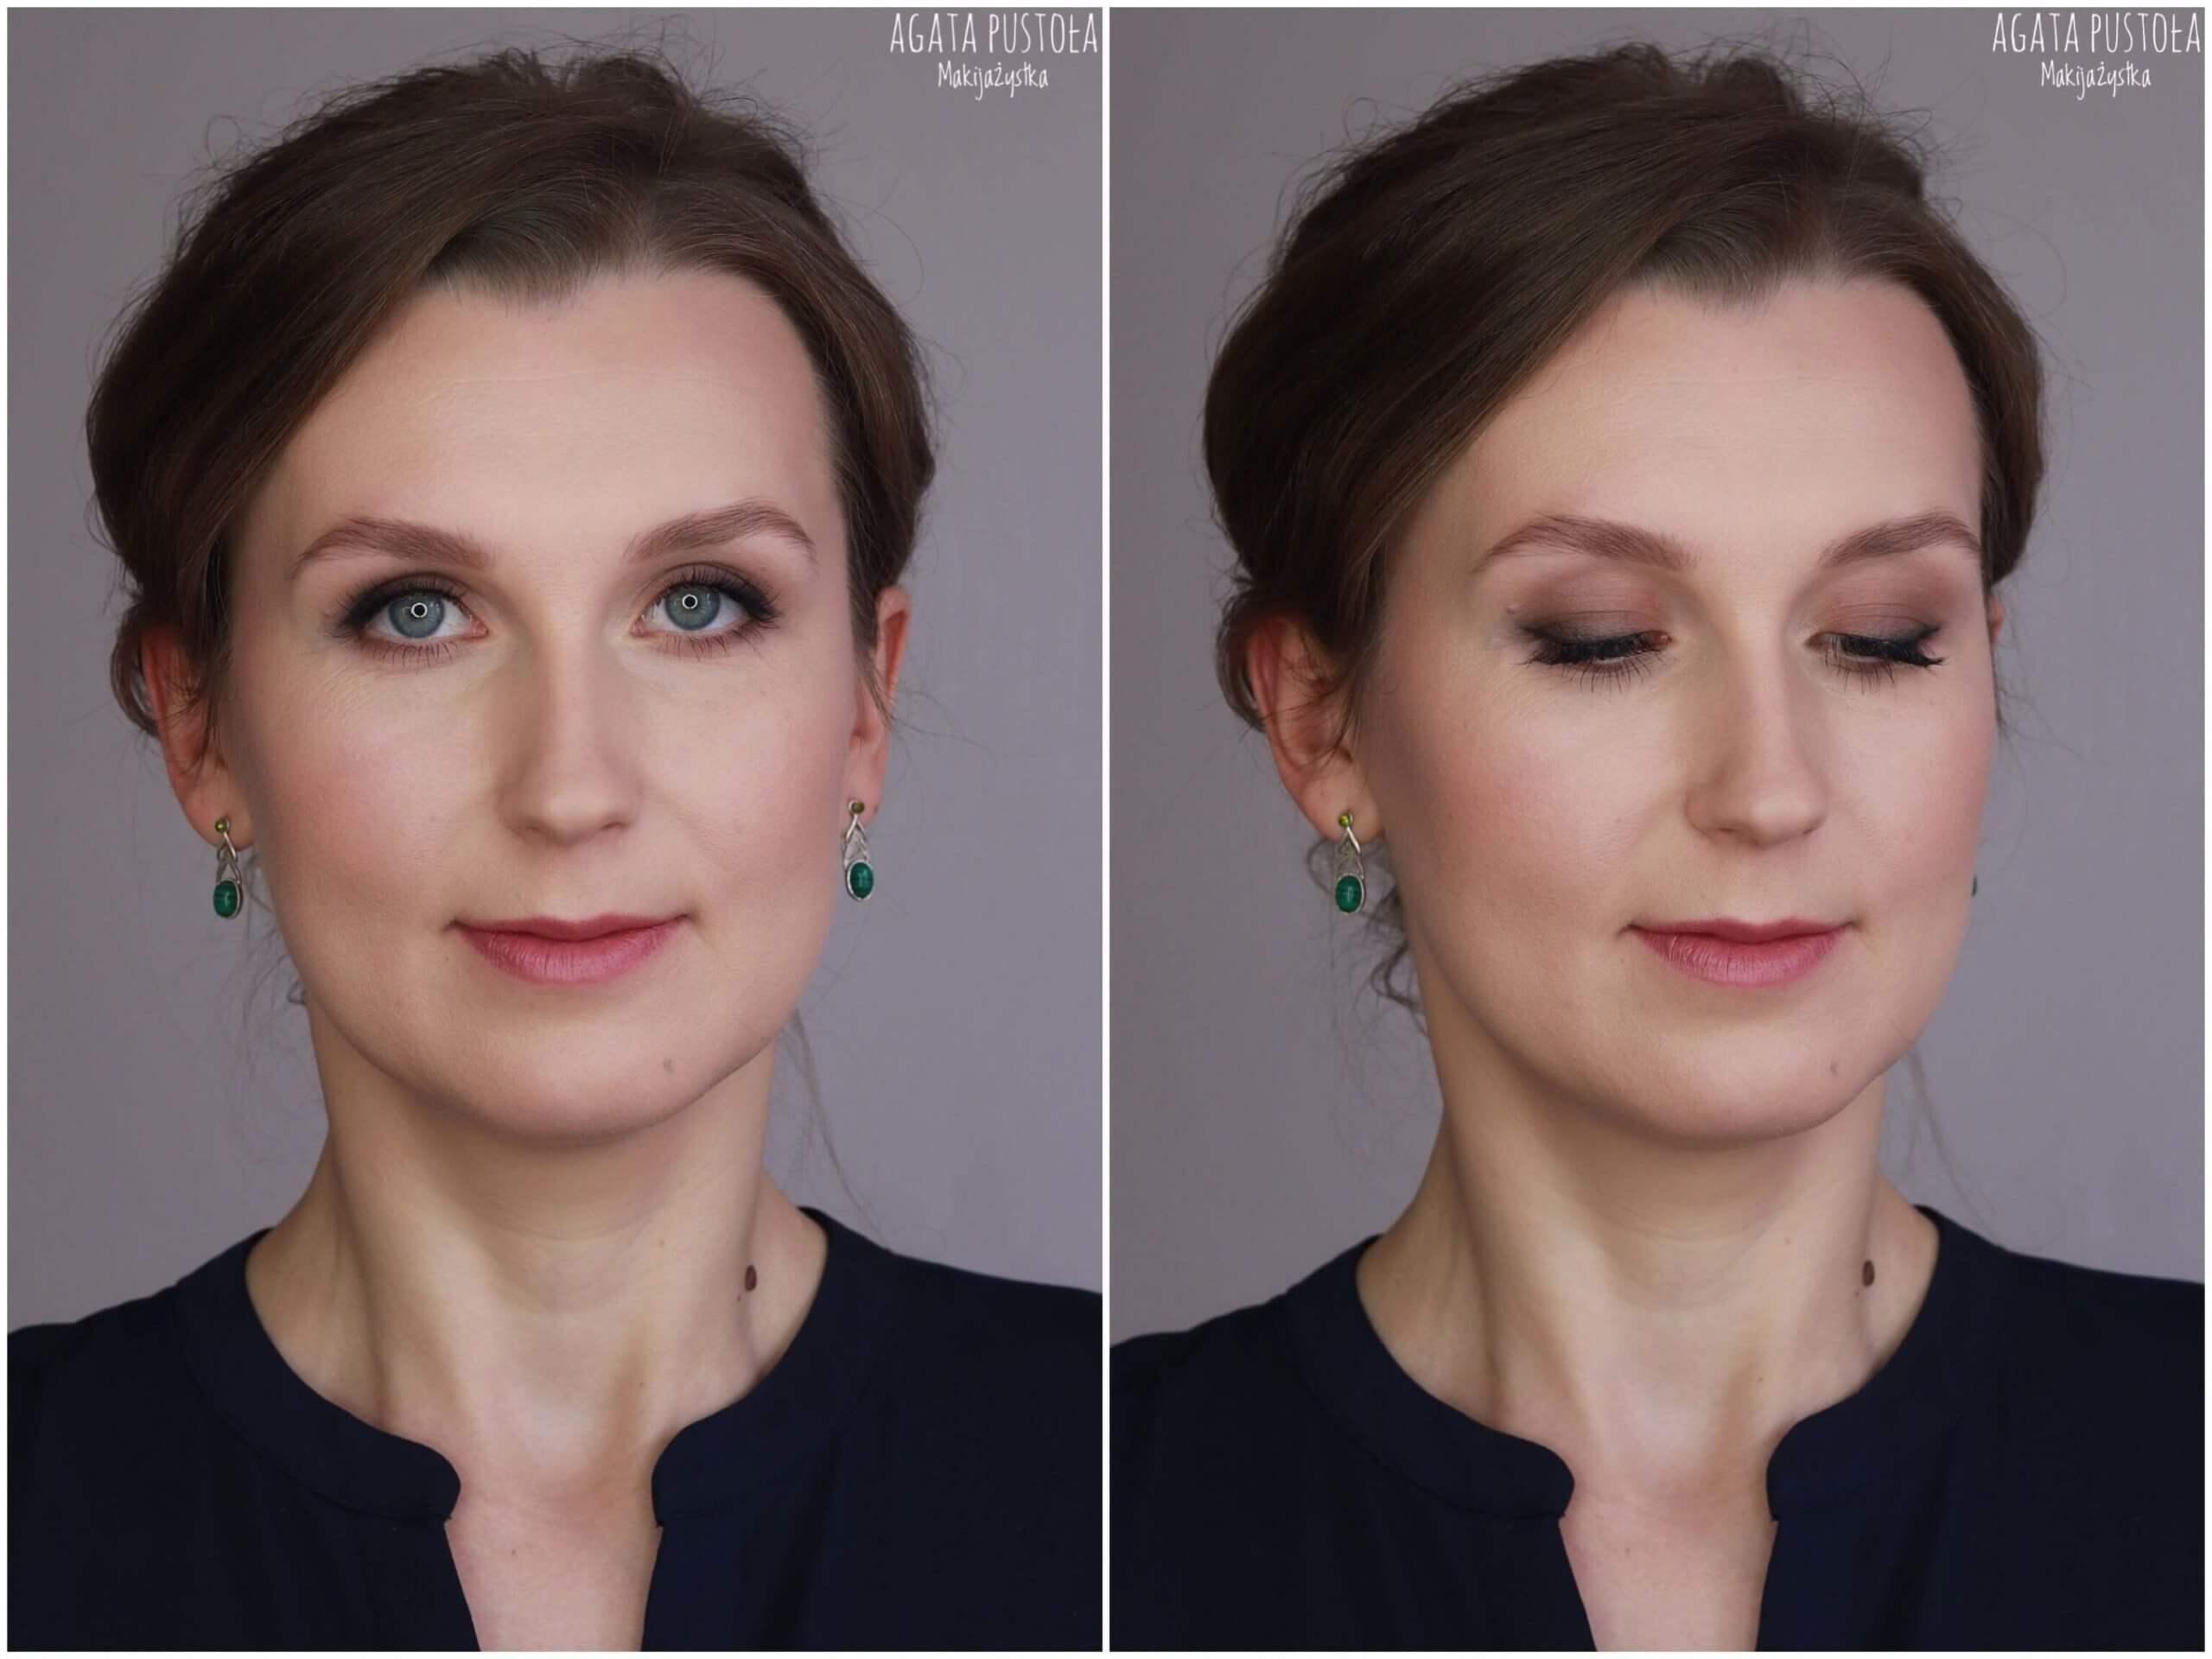 makijaż okolicznościowy Warszawa smokey eye